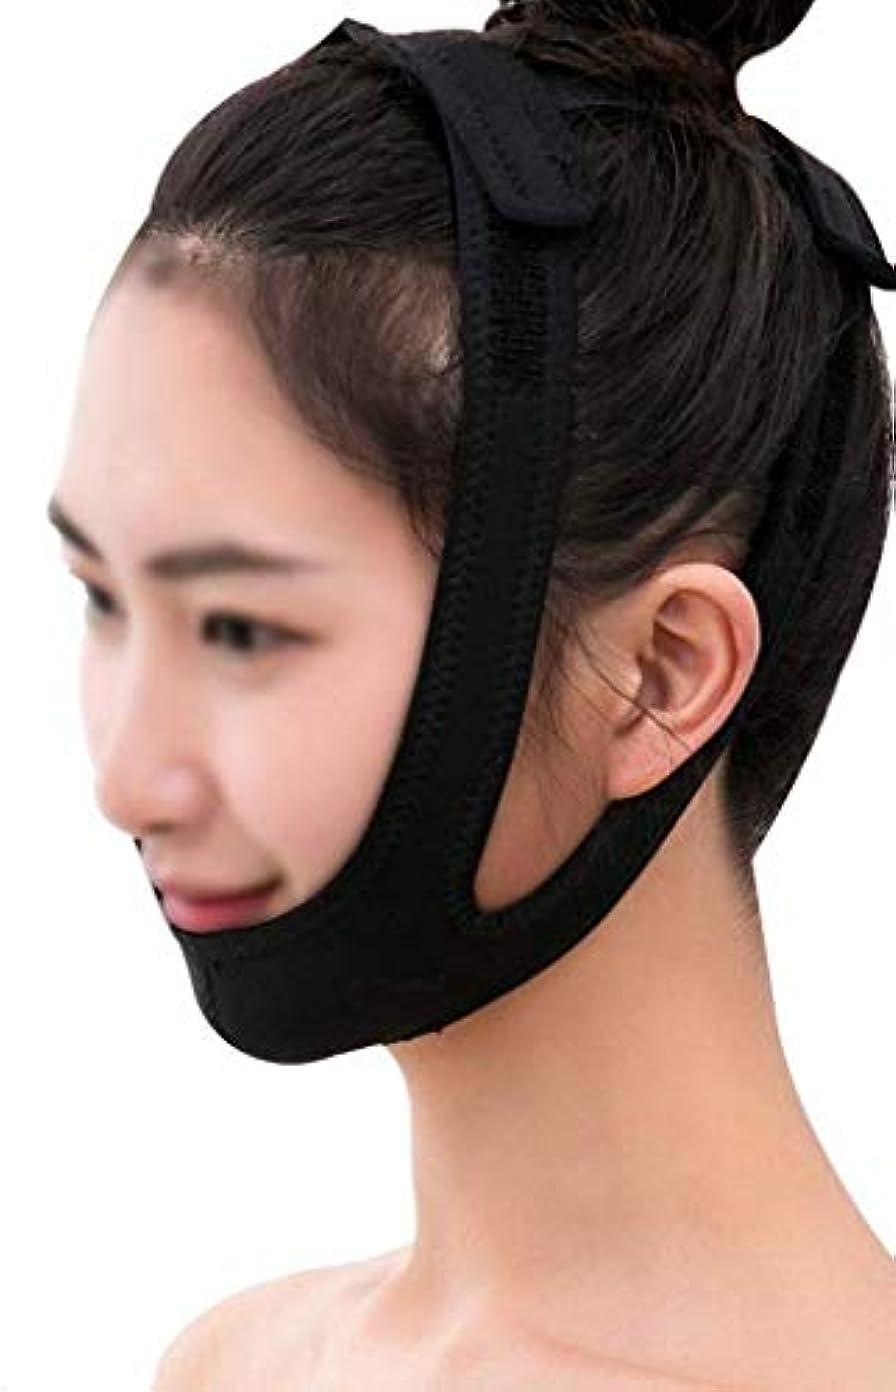 パシフィック保守的土器美容と実用的なフェイシャルリフティングマスク、医療用ワイヤーカービングリカバリーヘッドギアVフェイスバンデージダブルチンフェイスリフトマスク